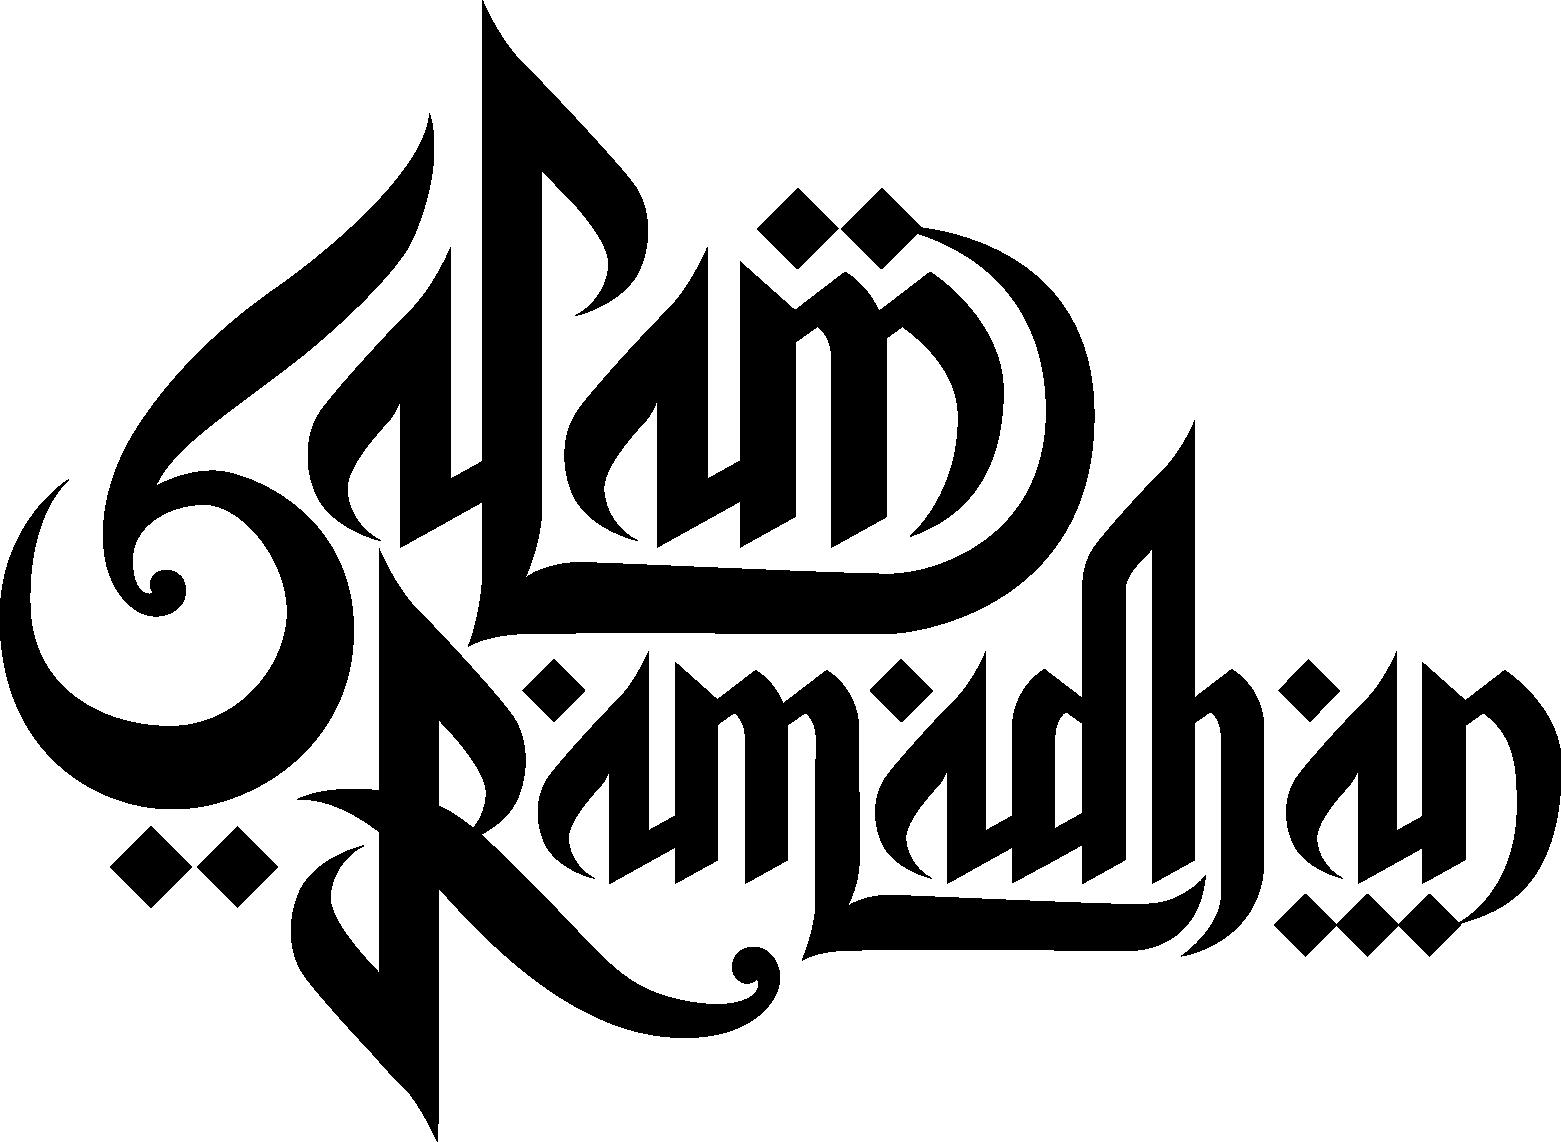 Ramadan Kareem Logo Png 42084 Free Icons And Png